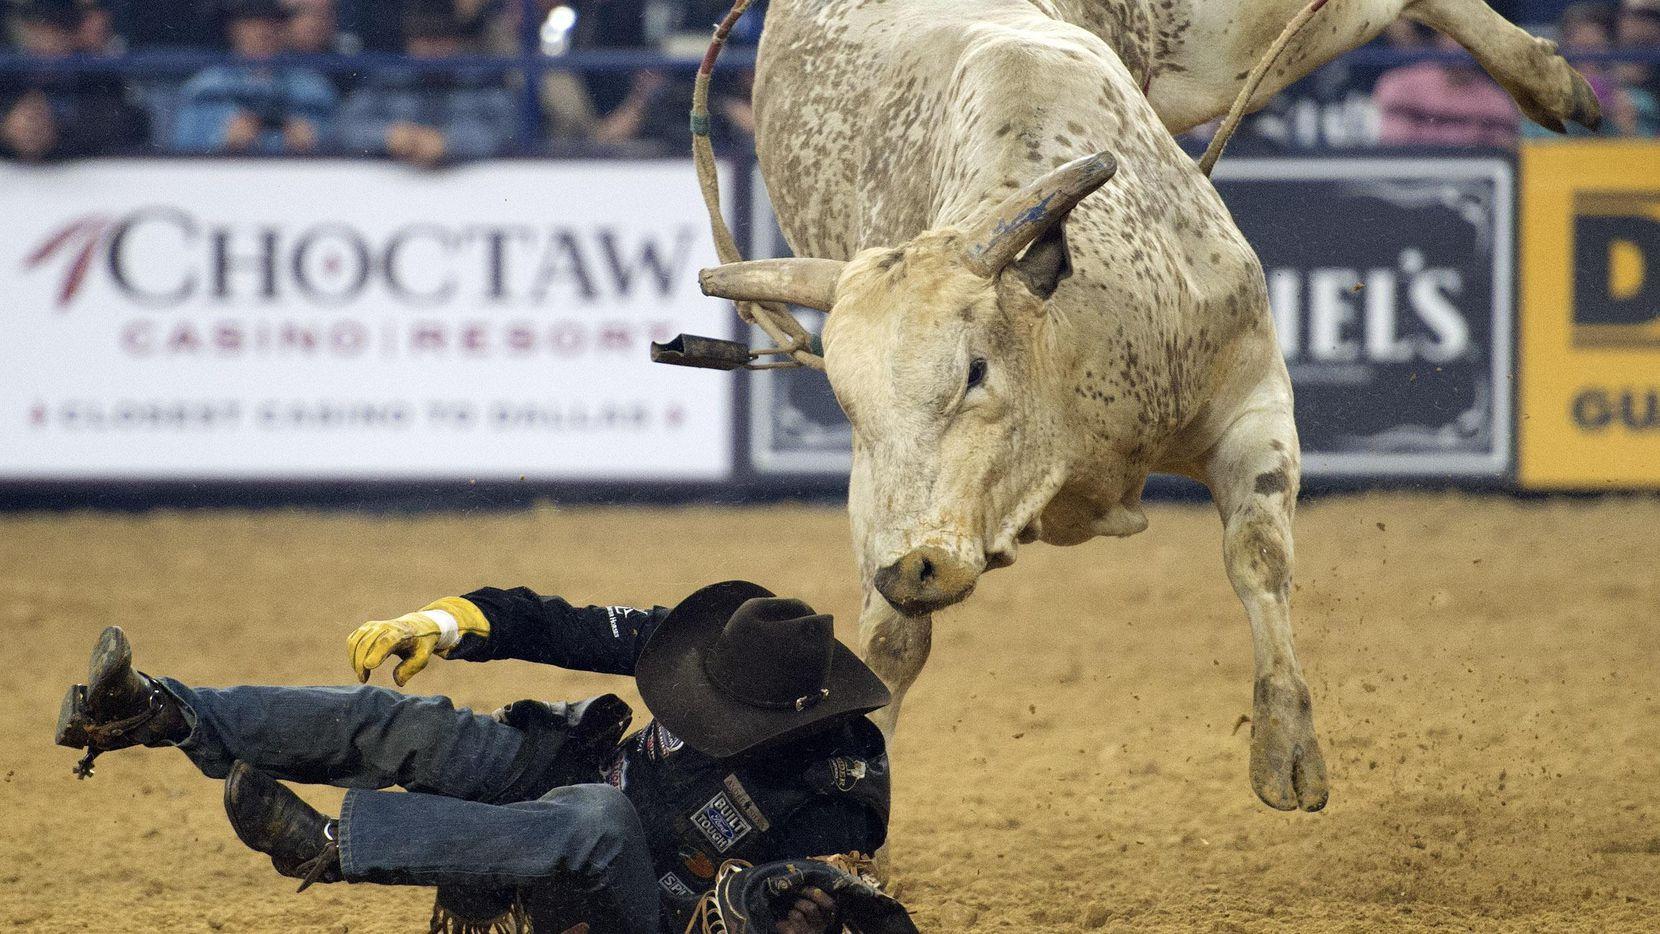 Juliano Antonio Da Silva de Brasil es derribado por un toro en evento de monta de toros en el AT&T Stadium en 2016.(DMN)